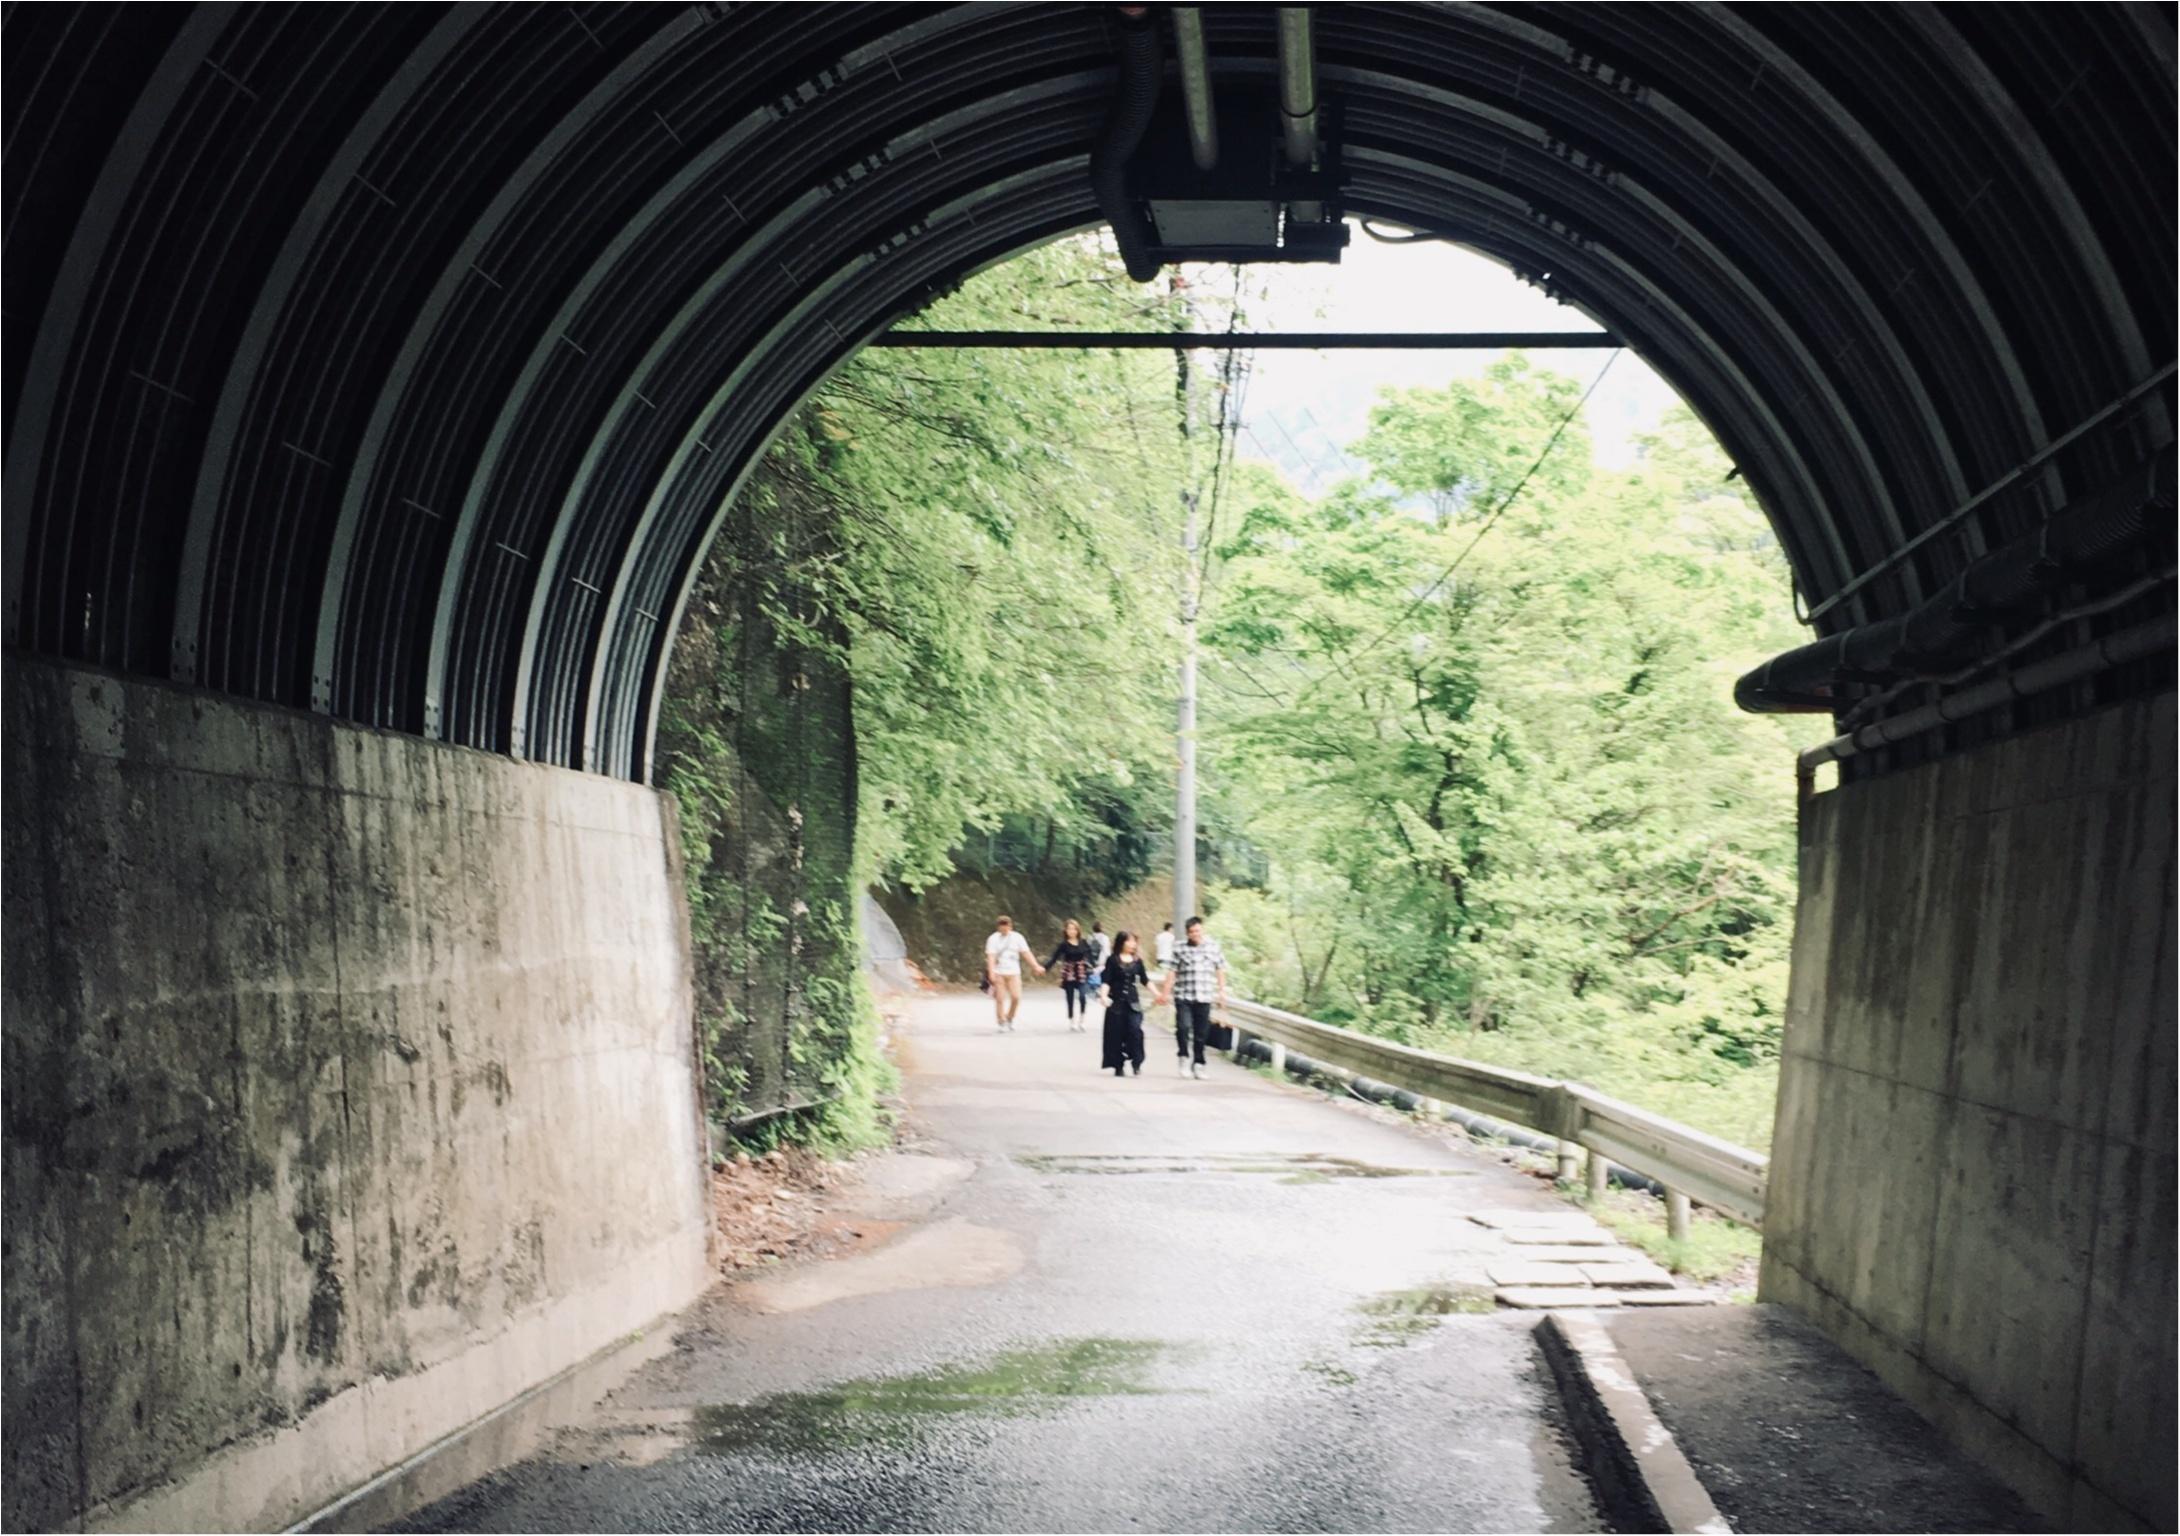 【静岡】涼しさを感じに《夢の吊り橋》へGooooo!_2